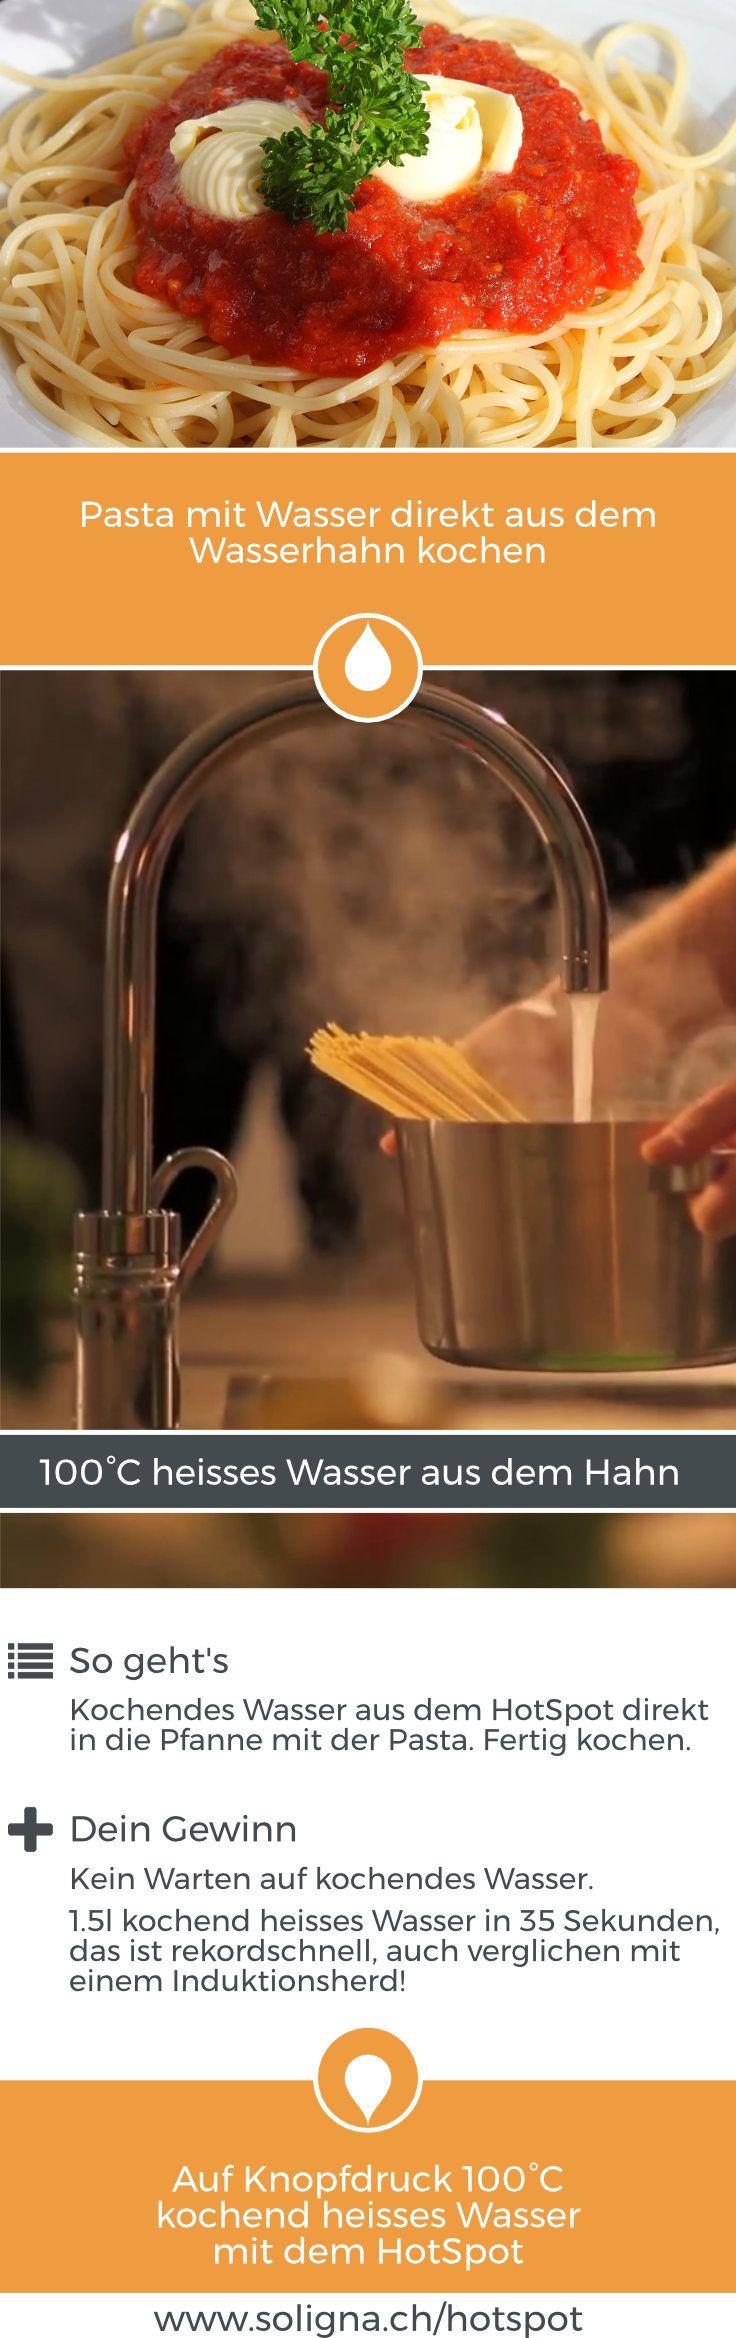 Pasta Mit Wasser Direkt Aus Dem Wasserhahn Kochen So Geht S Kochendes Wasser Aus Dem Hotspot Direkt In Die Heisses Wasser Hahnchen Und Schnell